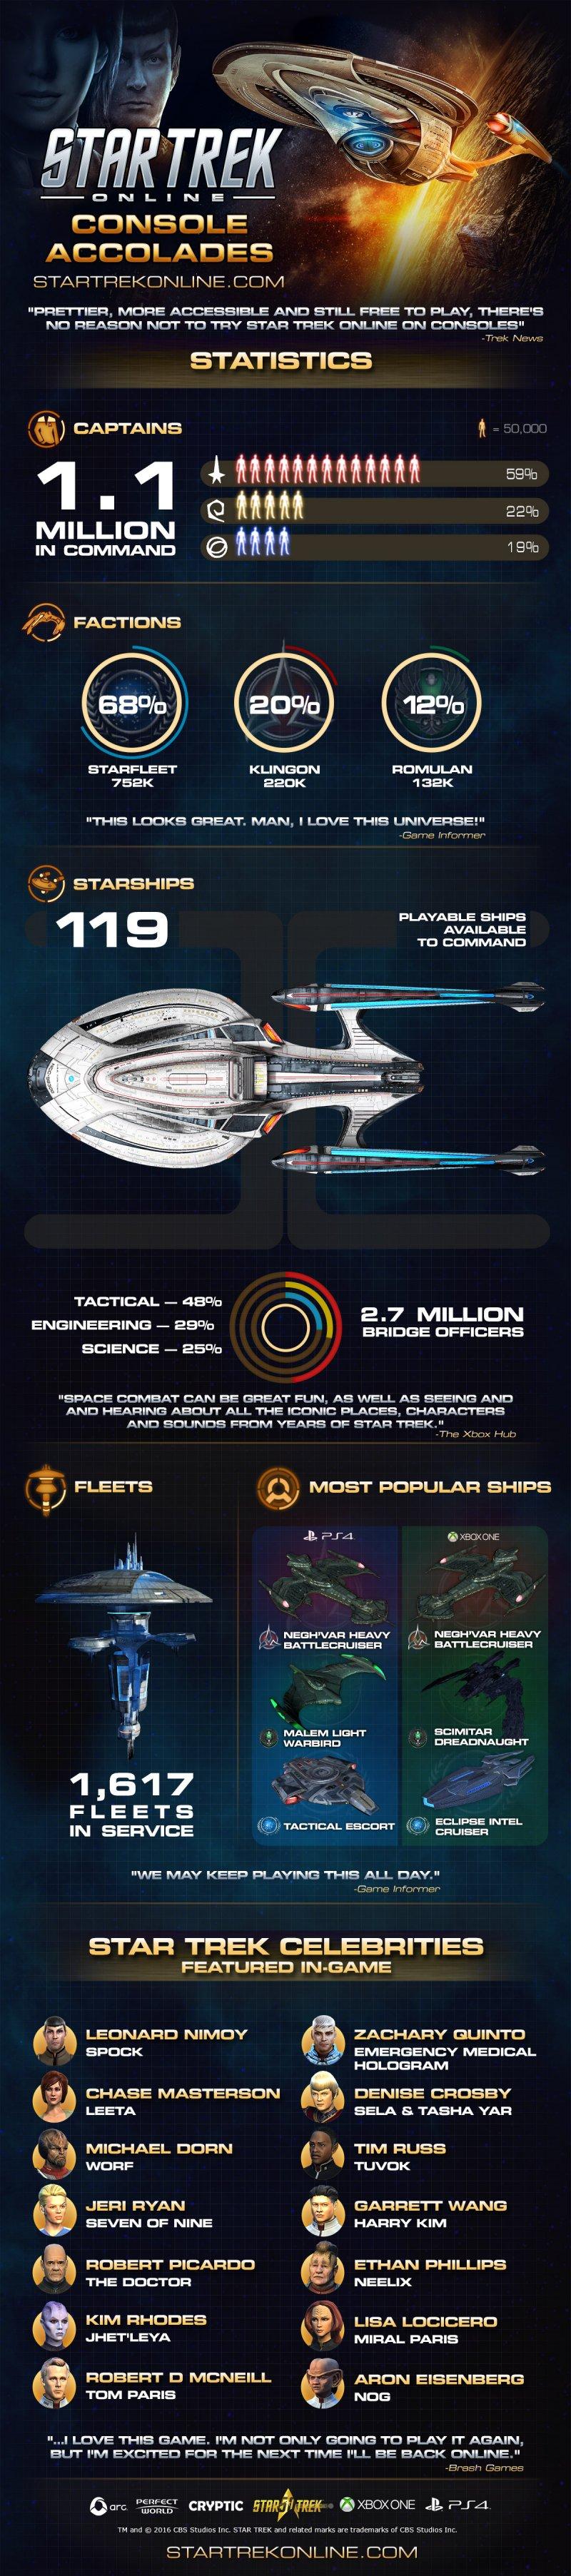 Star Trek Online ha superato il milione di utenti su console